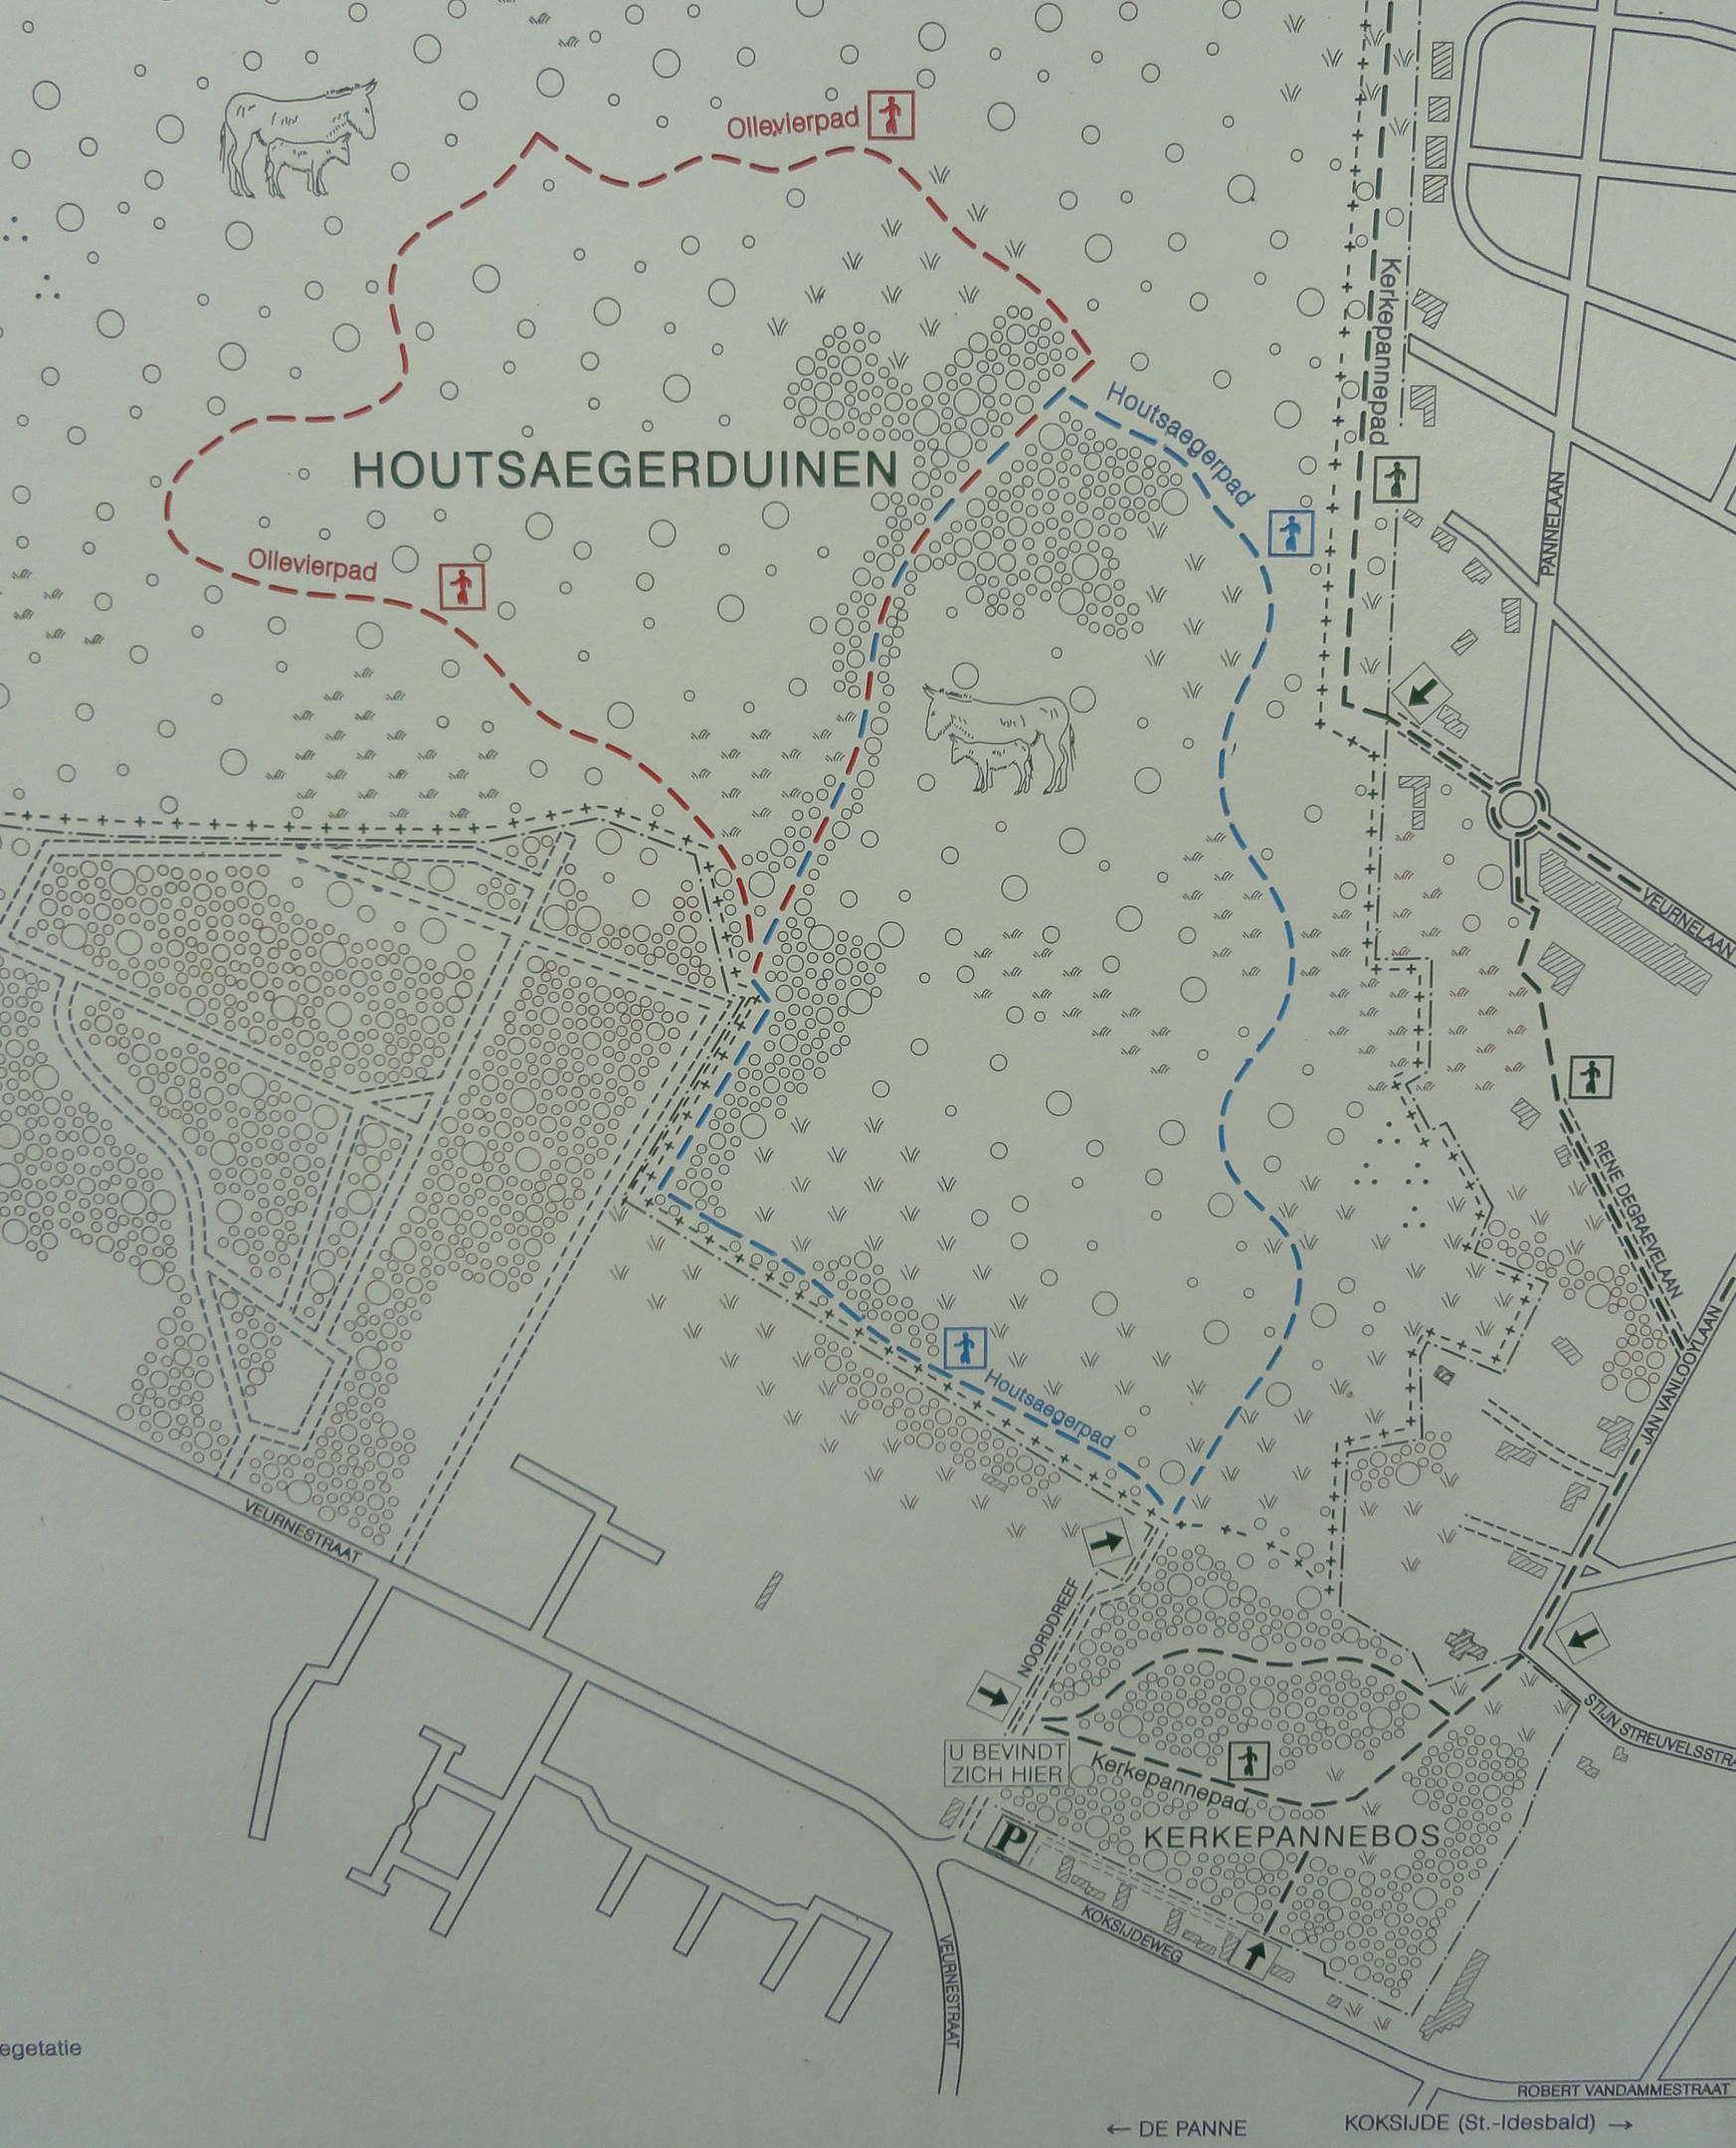 Kaart Houtsaegerduinen